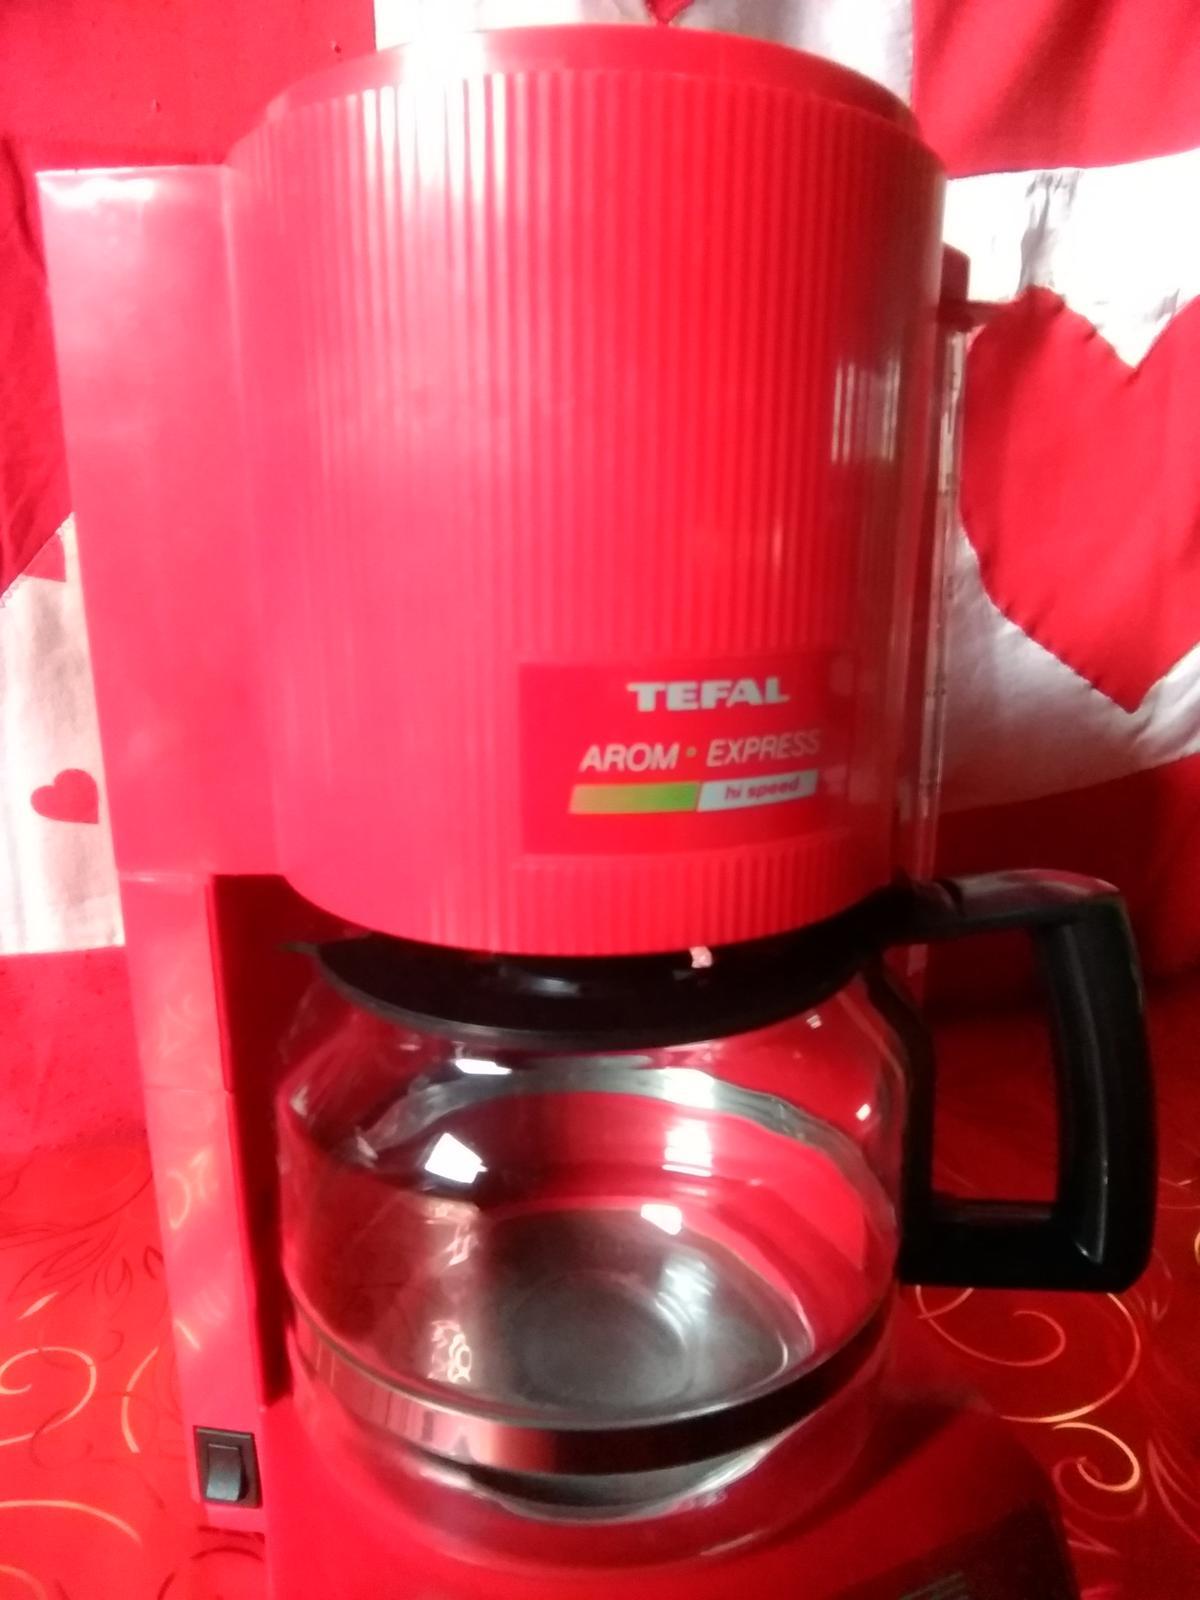 Kavovar - Obrázok č. 1